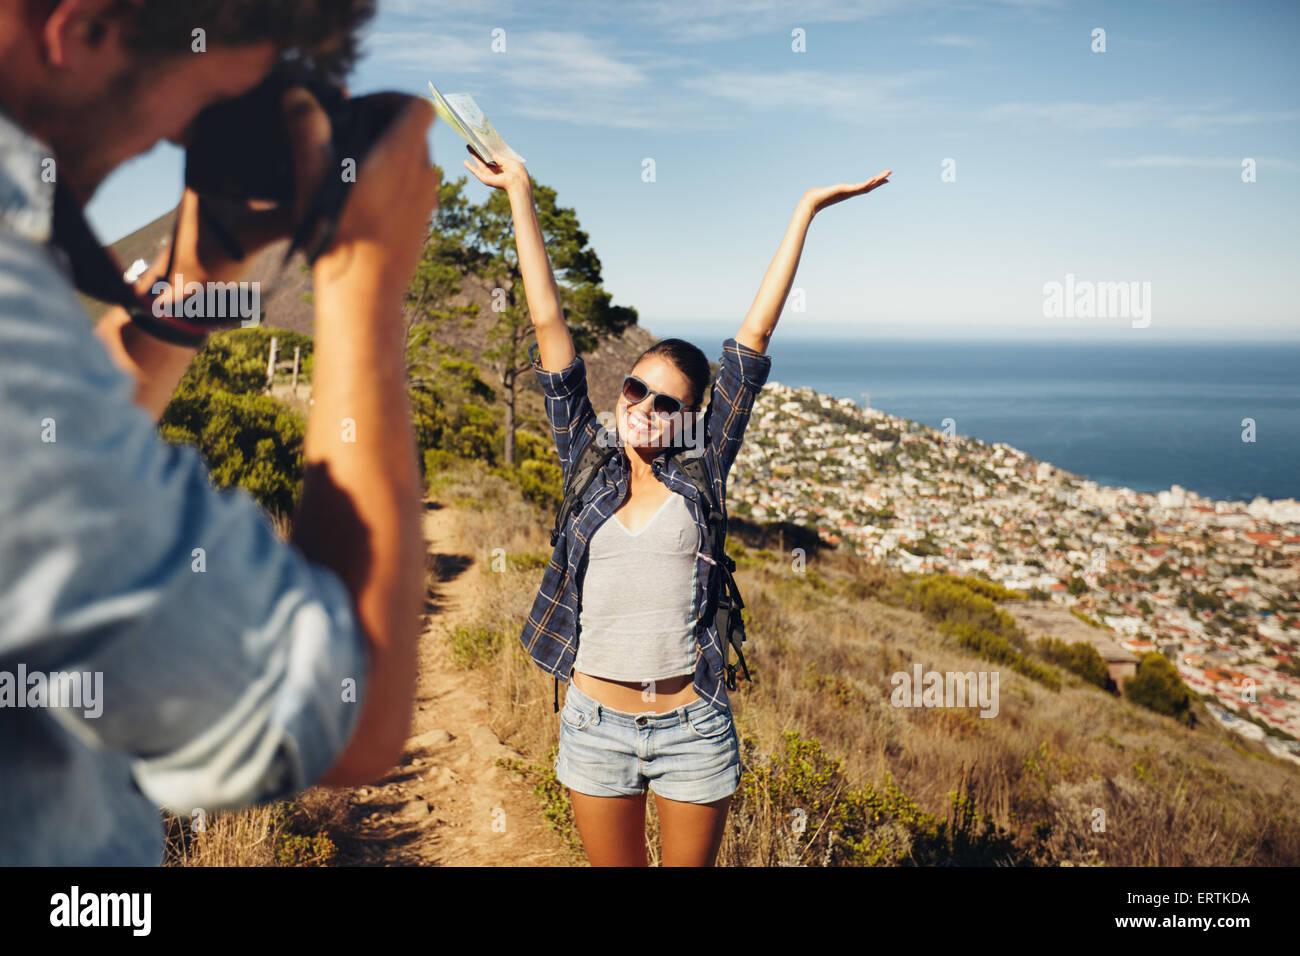 Feliz joven posando con sus brazos levantados a su novio, tomando fotos con su cámara digital. Vacaciones de Imagen De Stock